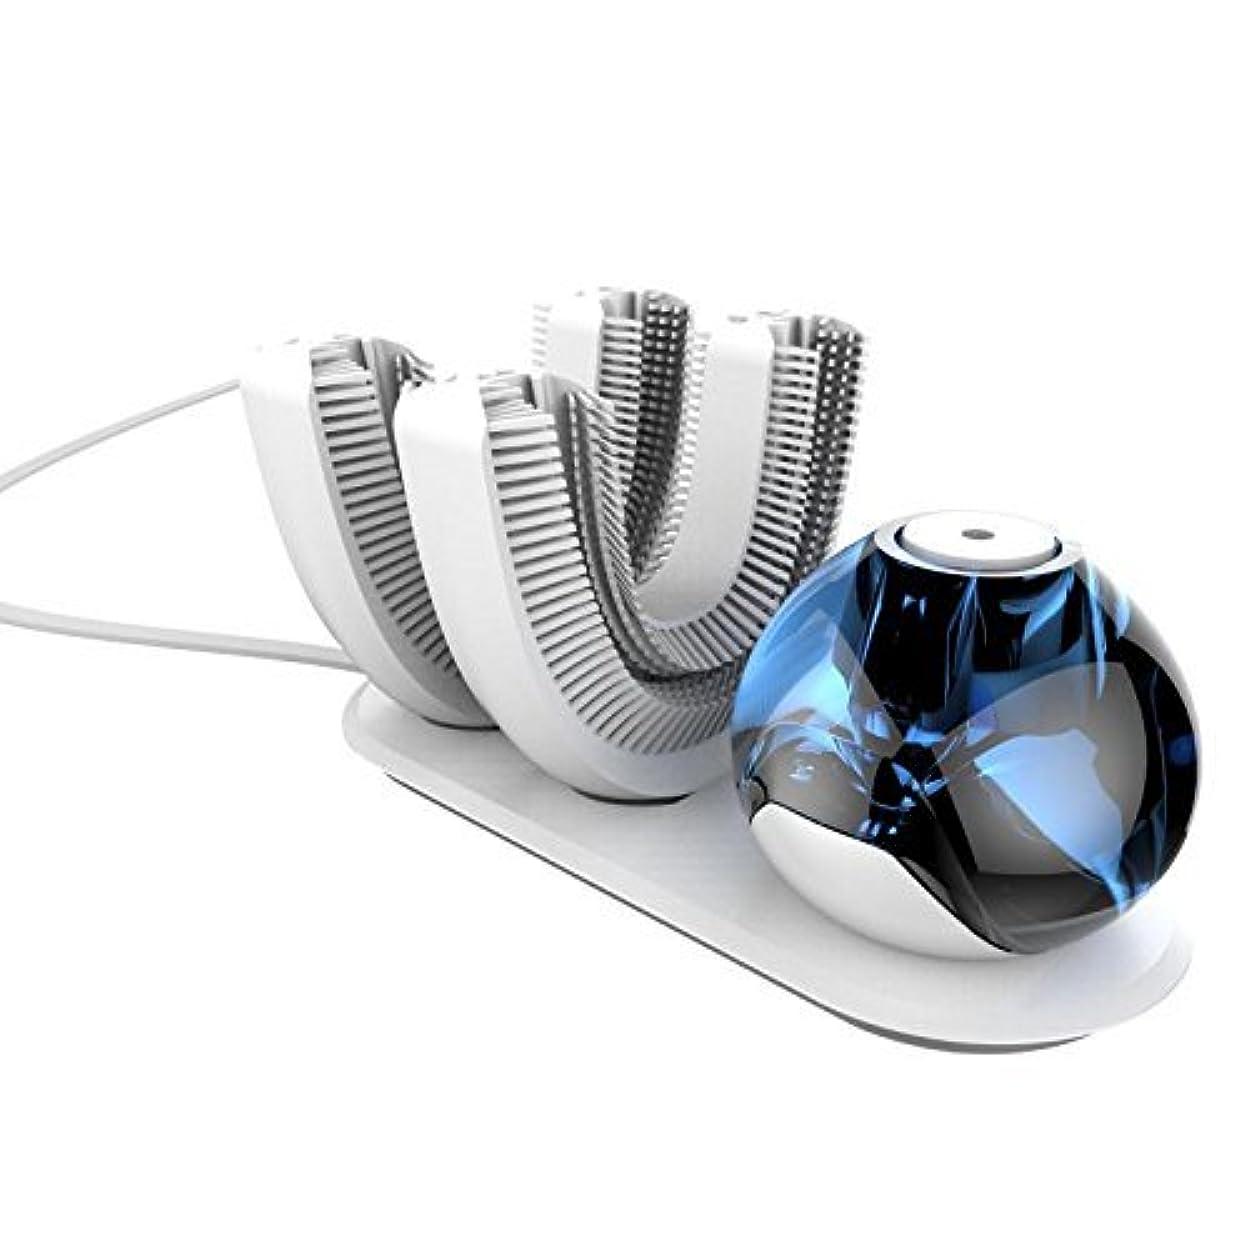 怠け者牙刷-電動 U型 超音波 専門370°全方位 自動歯ブラシ ワイヤレス充電 成人 怠け者 ユニークなU字型のマウスピース わずか10秒で歯磨き 自動バブル 2本の歯ブラシヘッド付き あなたの手を解放 磁気吸引接続...